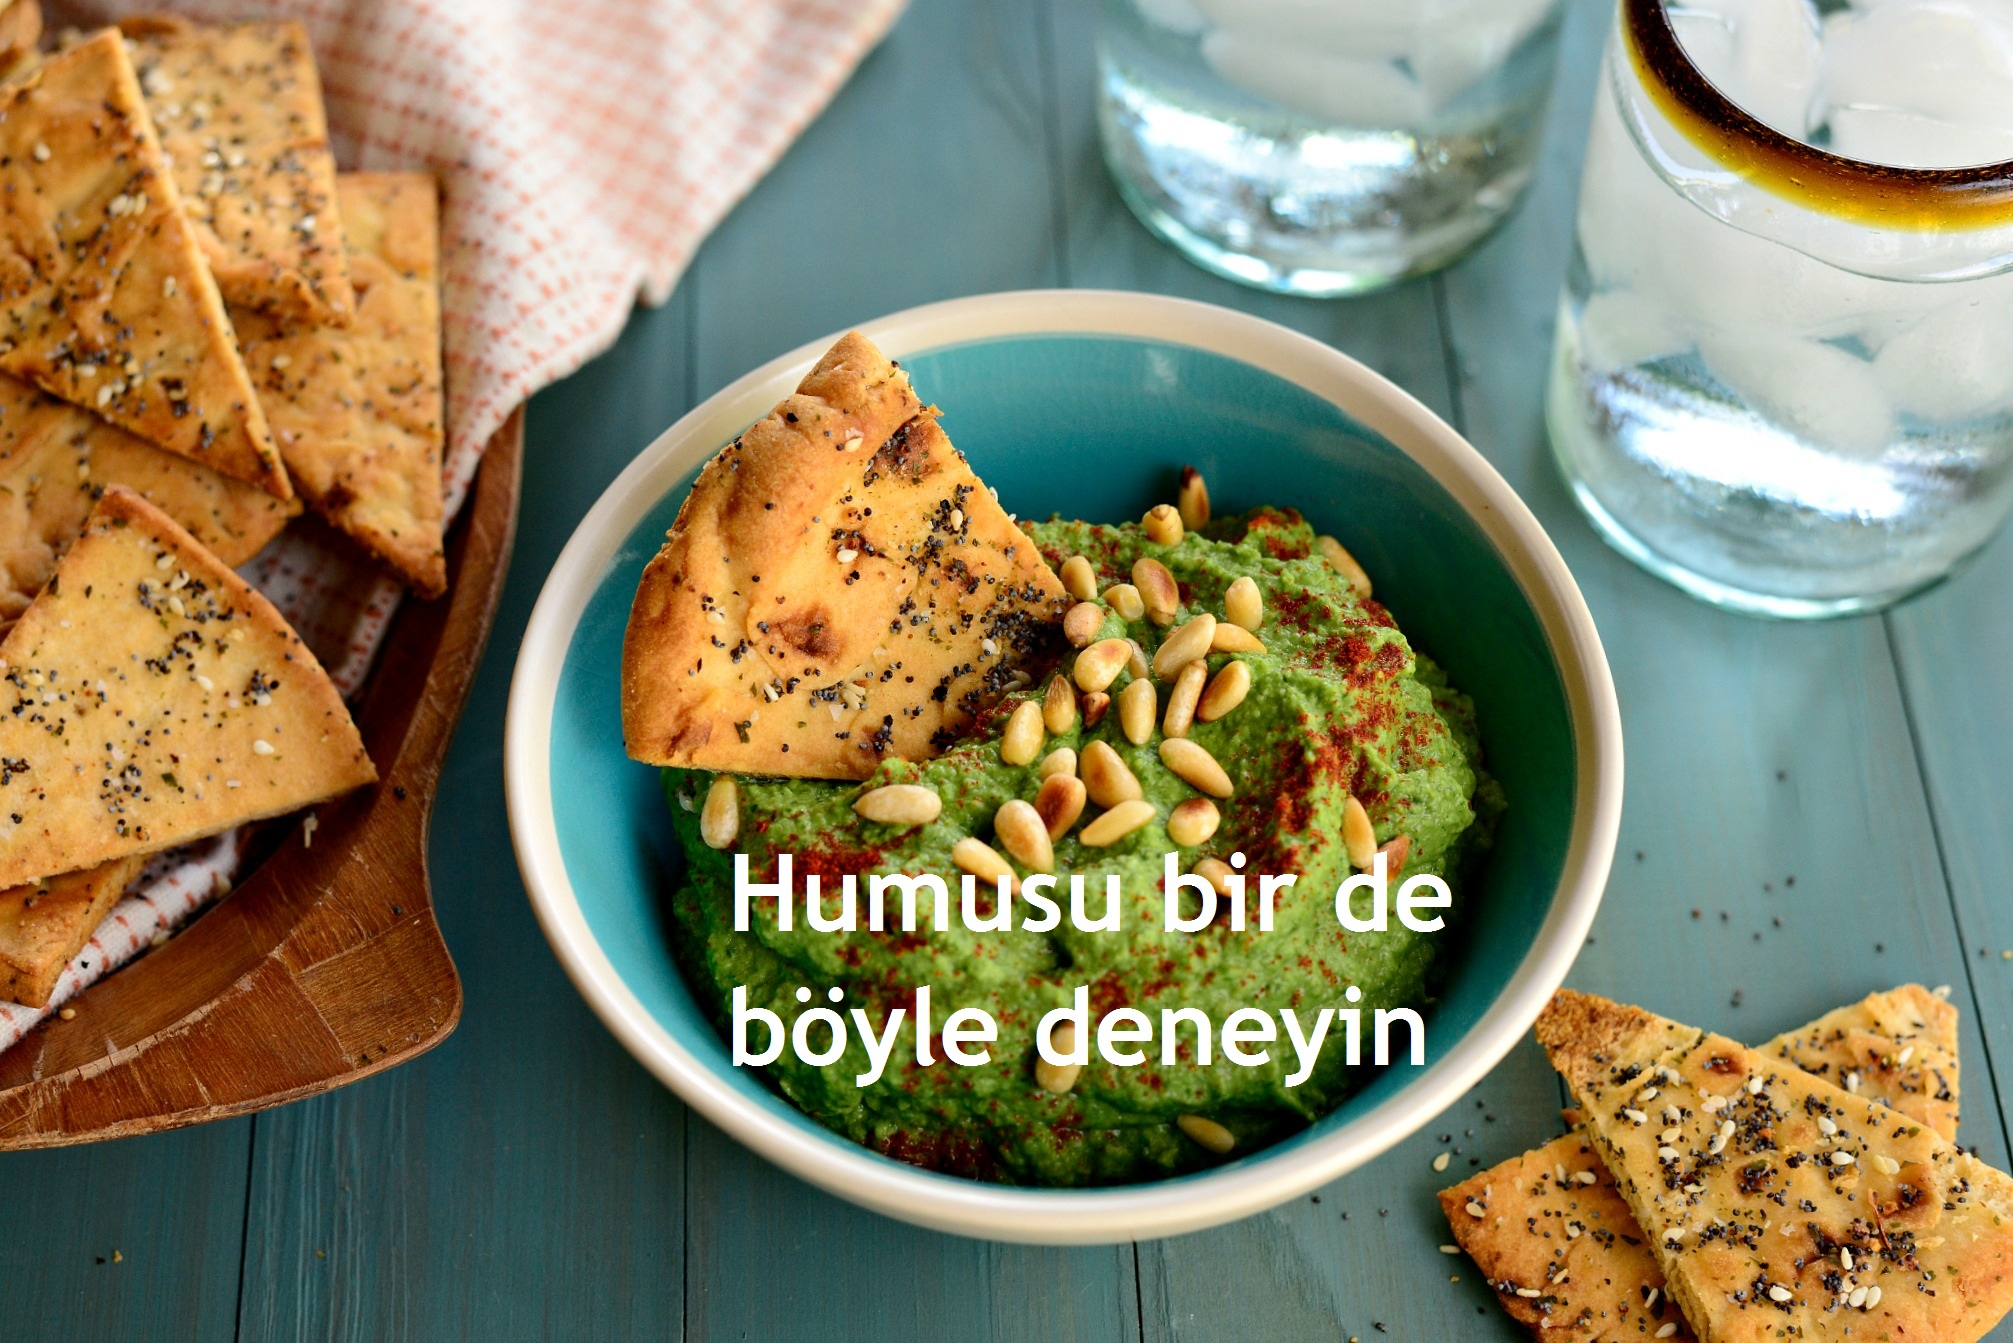 yazili_Roasted-Garlic-Kale-Hummus-l-www.SimplyScratch-9